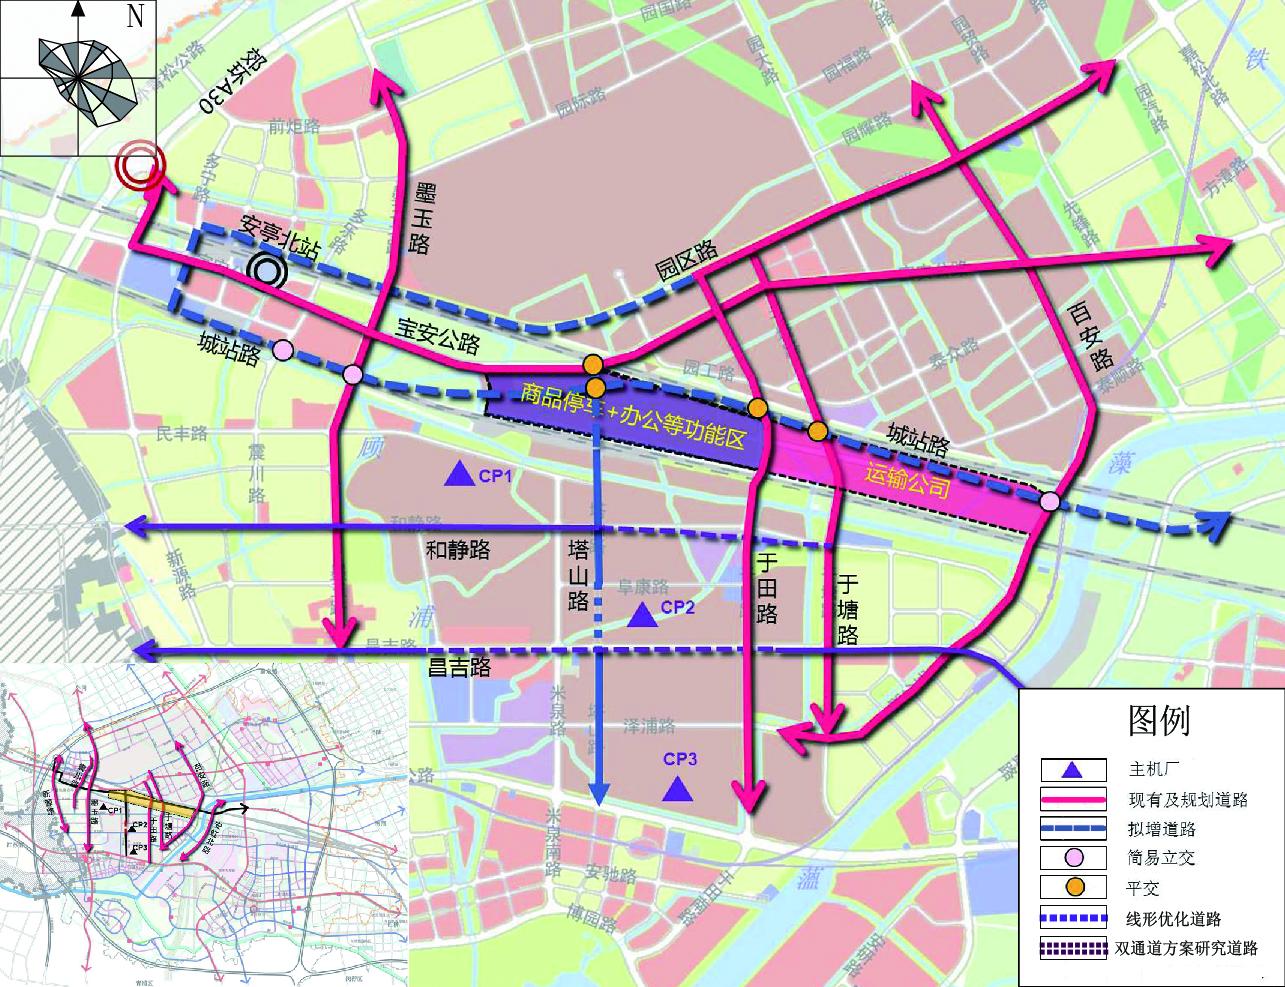 区域道路规划方案图